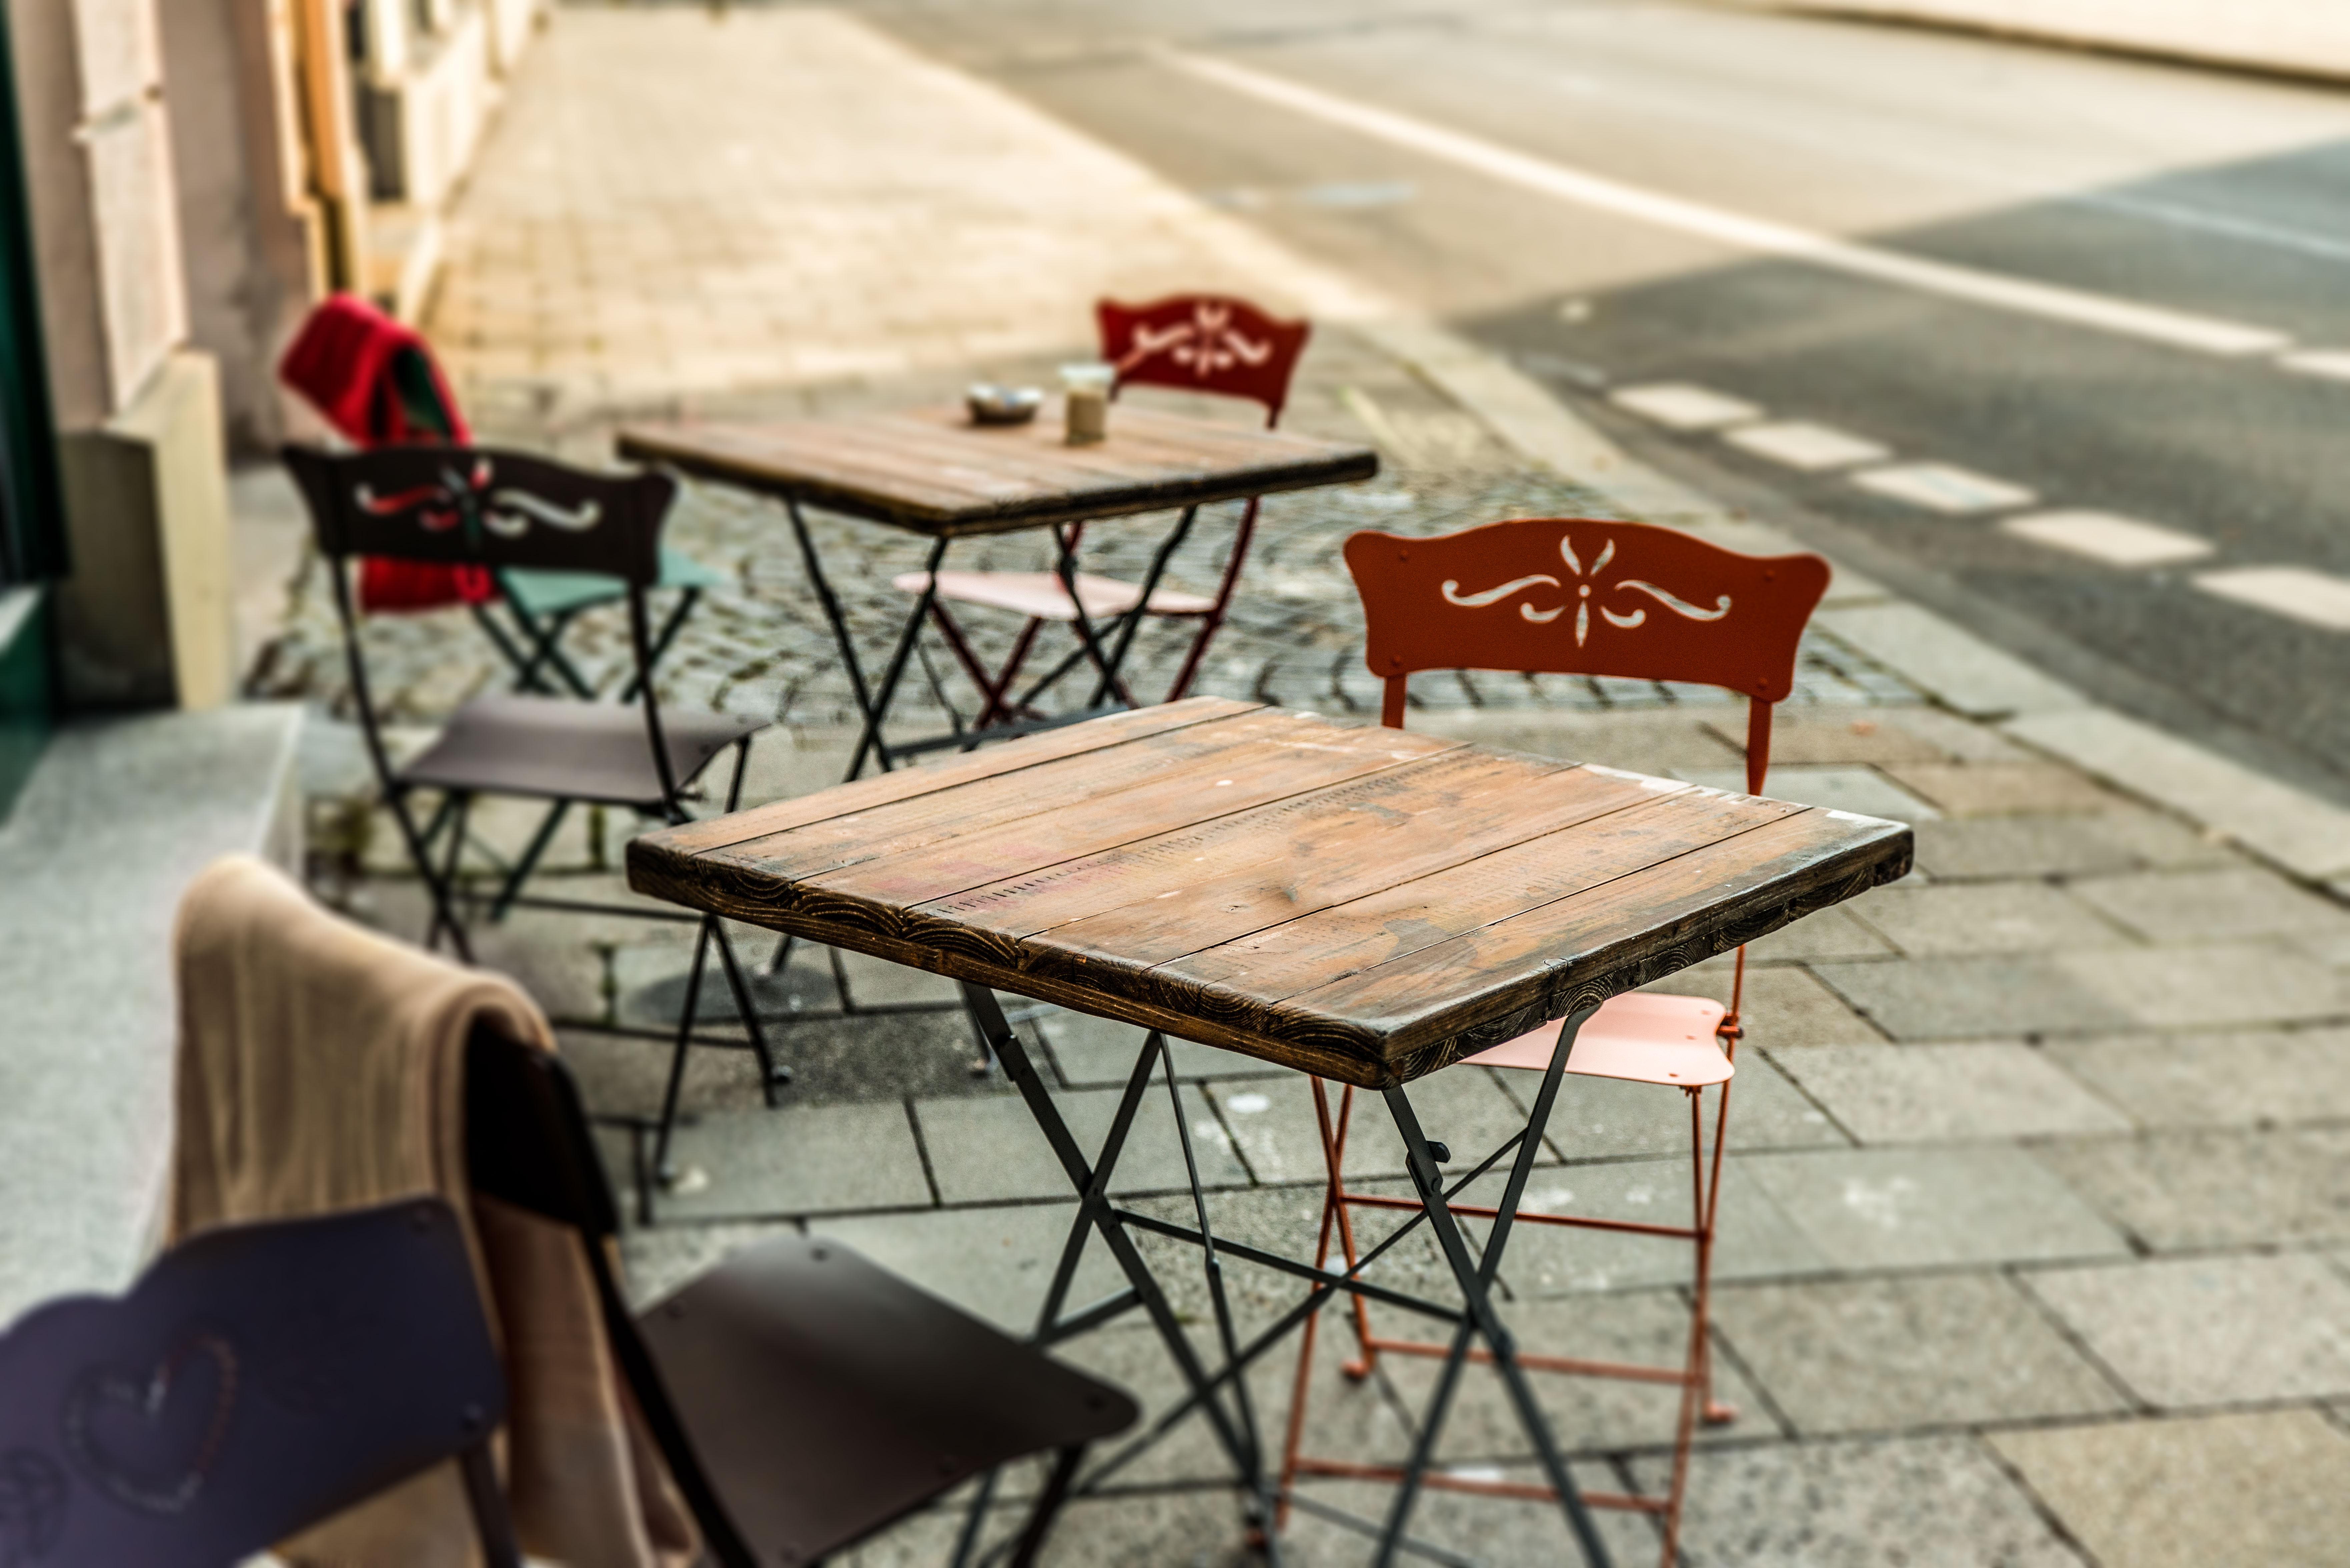 Holztisch aus altem Holz mit Logodruck